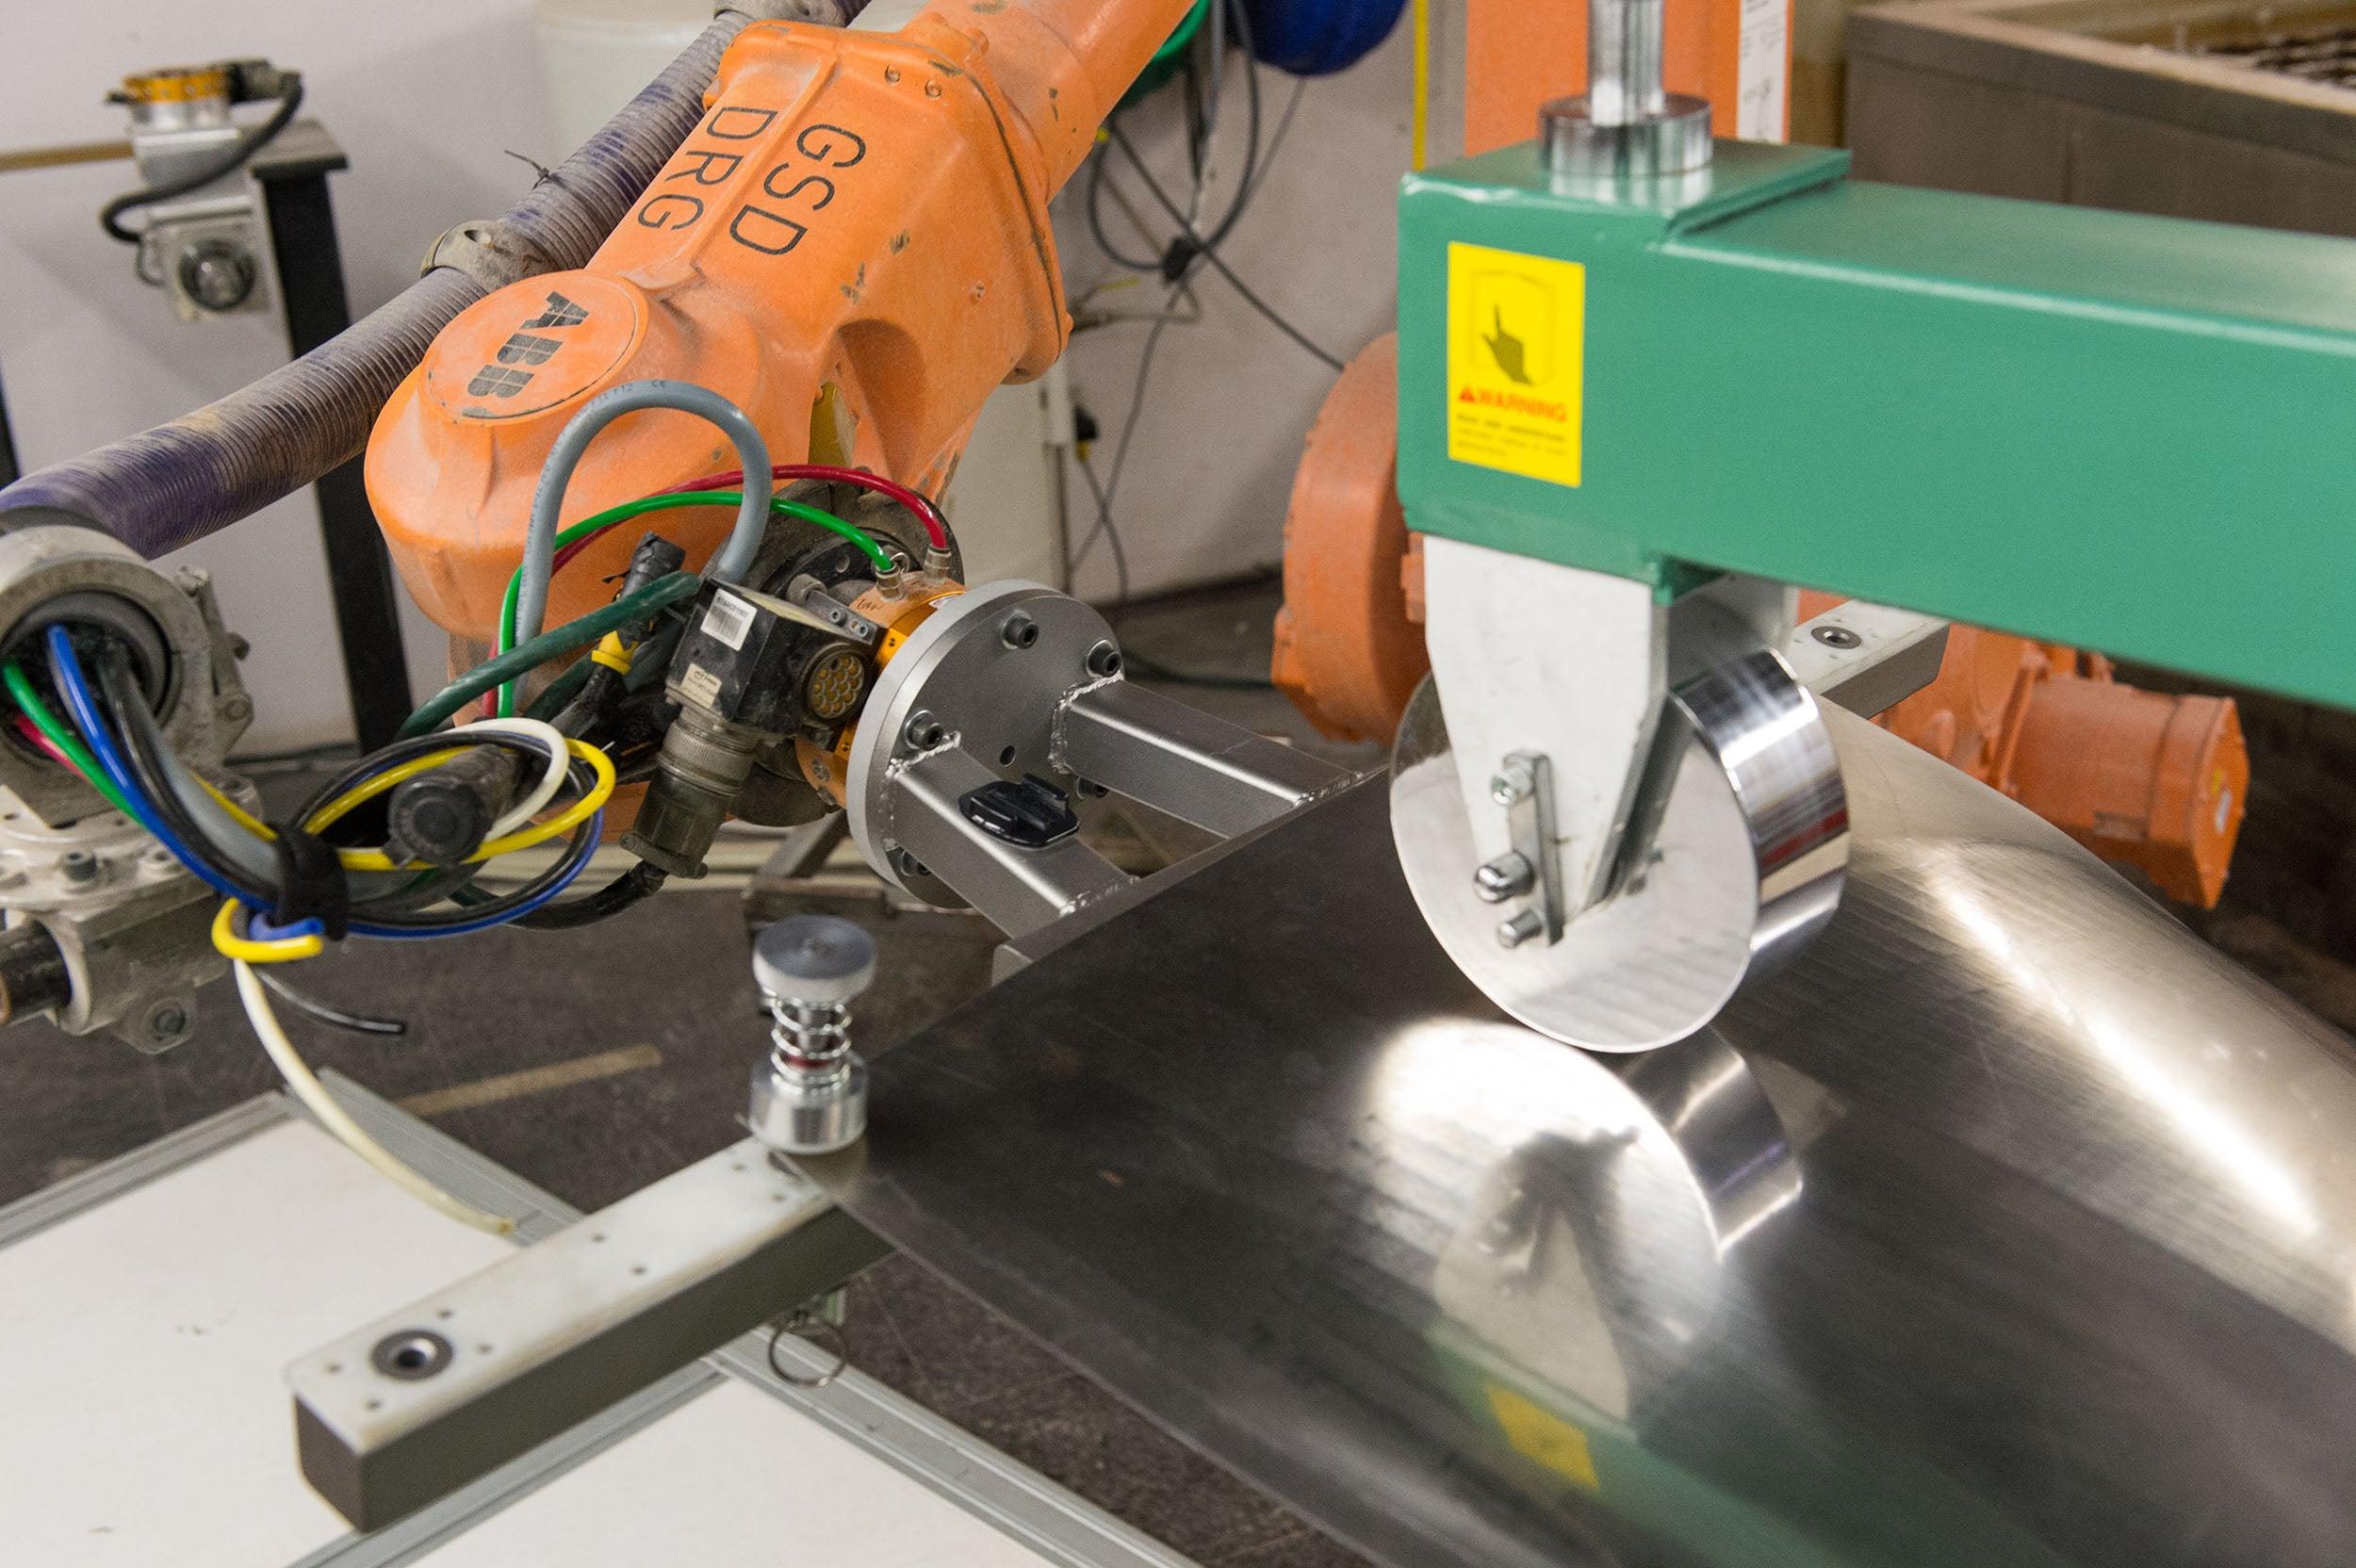 Machinery making masks.